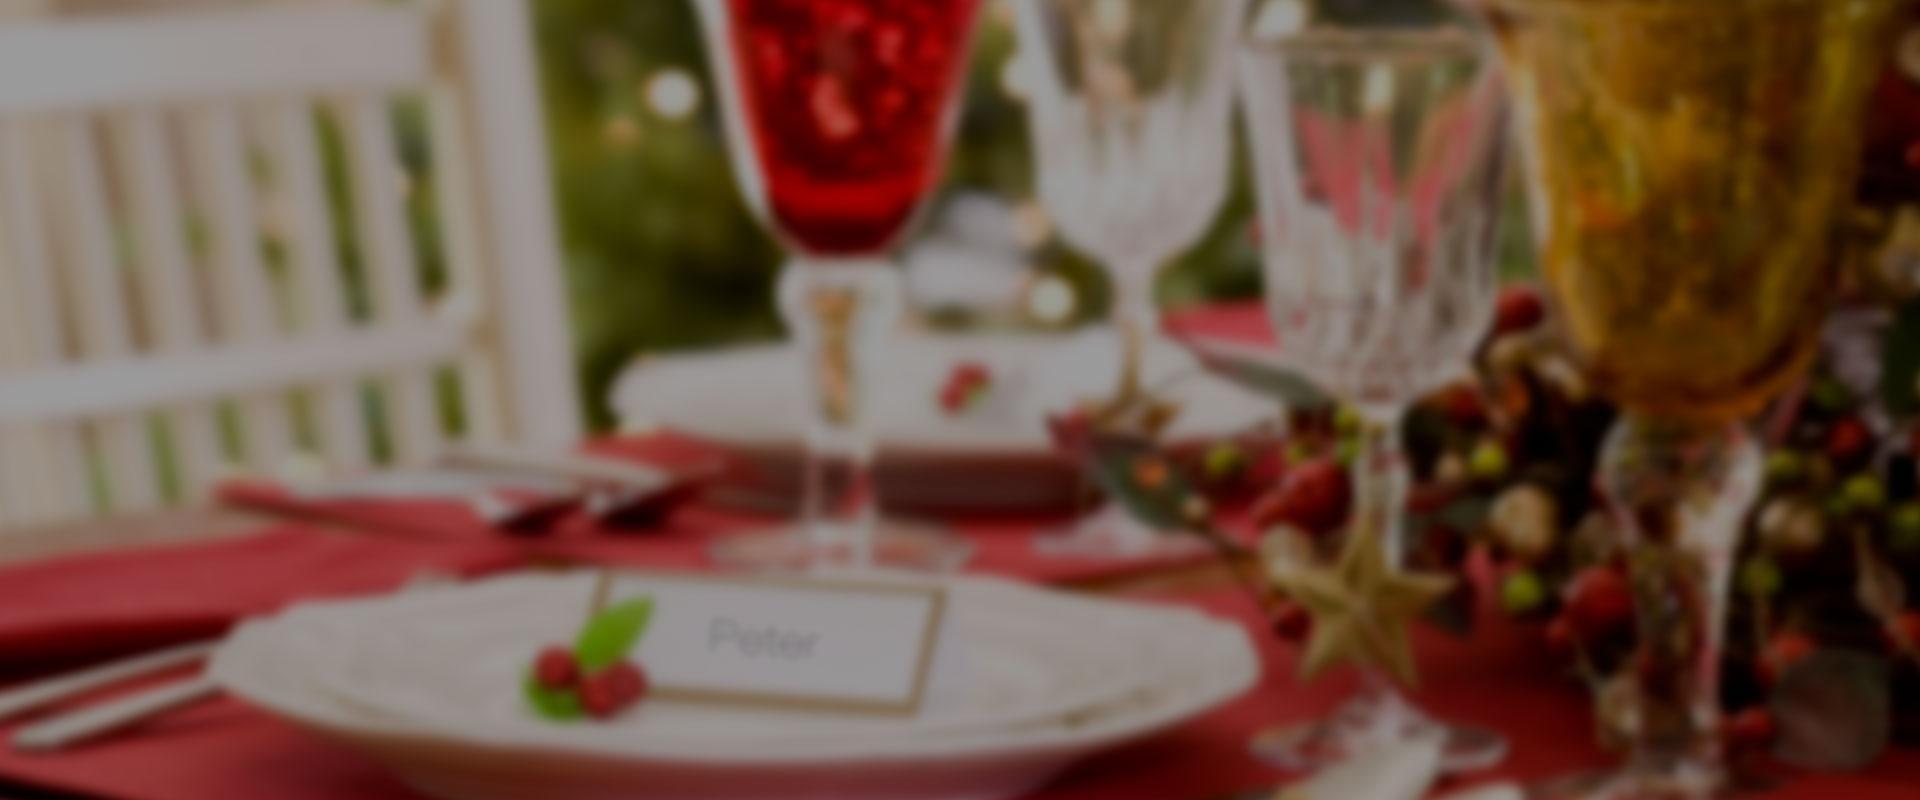 table de fête dressée pour un repas en famille